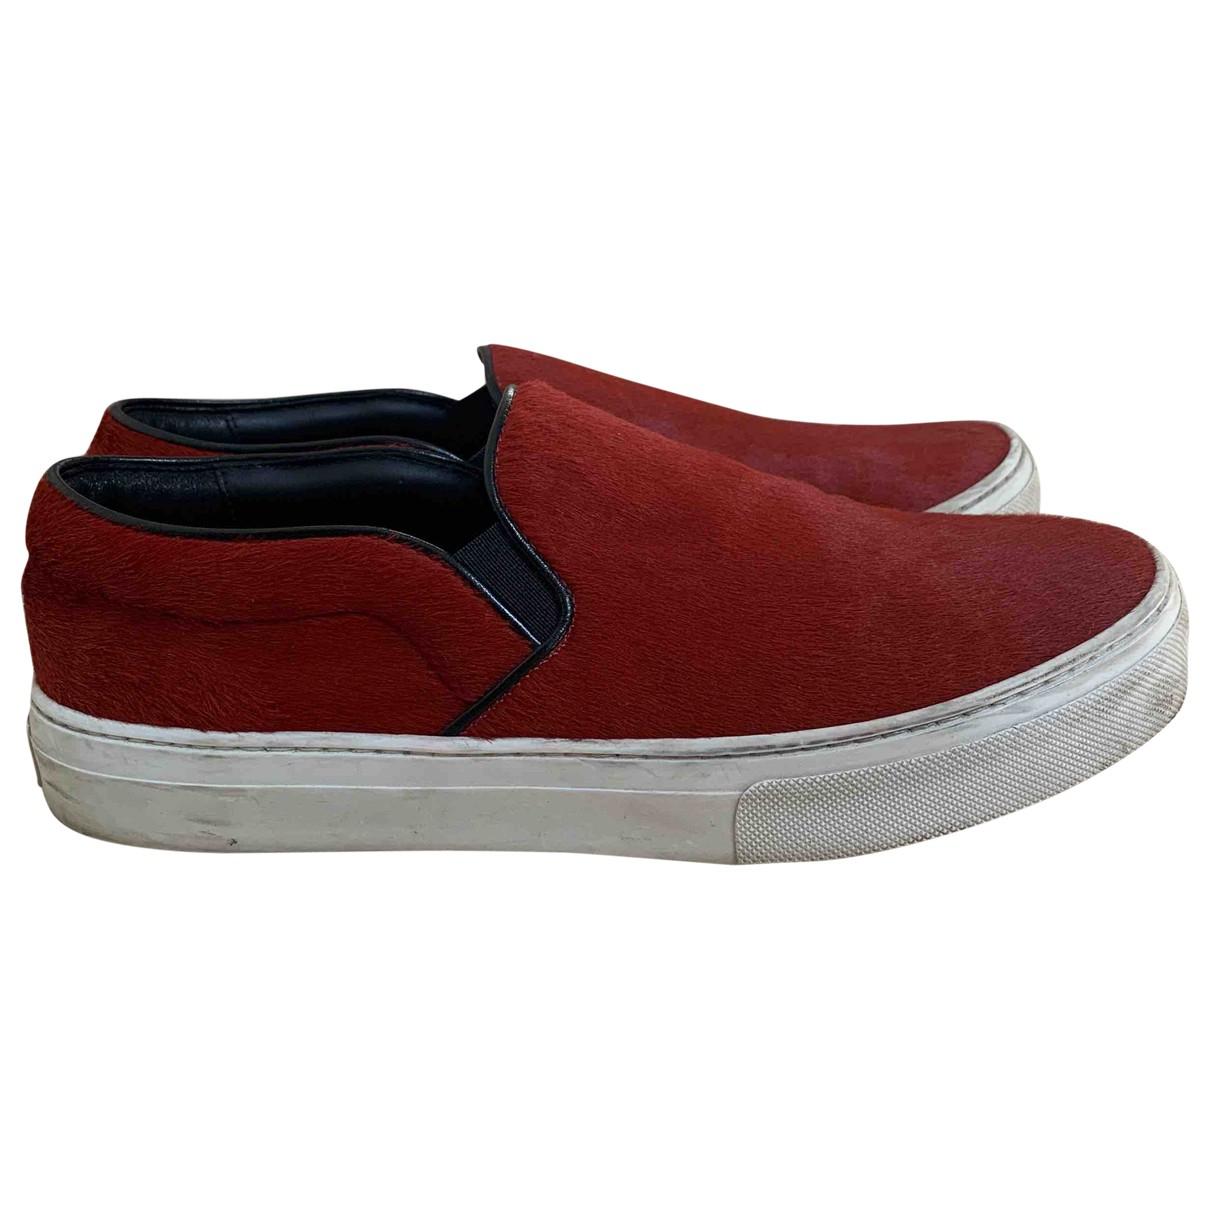 Celine \N Sneakers in  Rot Kalbsleder in Pony-Optik